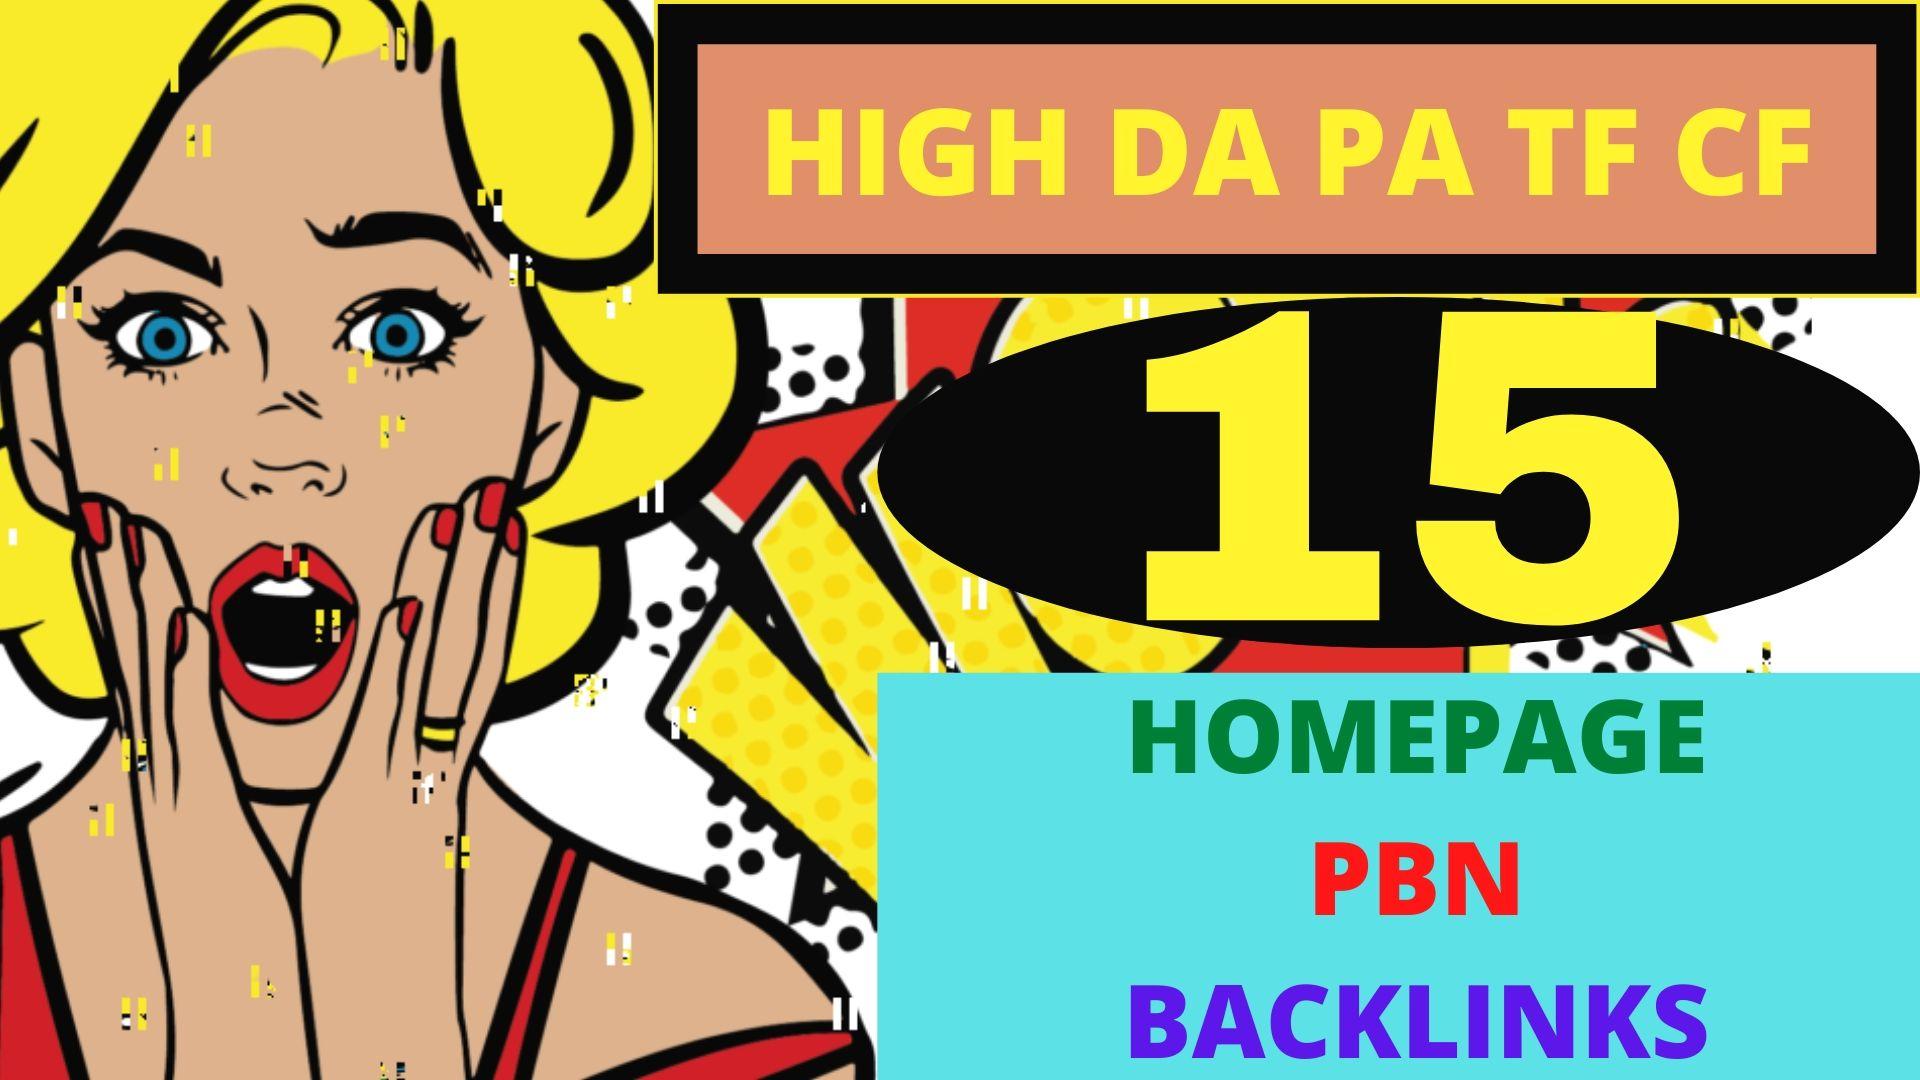 DA 40 to 80 PA 35+ PR 5-9 Web2.0 15 Pbn Backlink in 100 dofollow in unique site